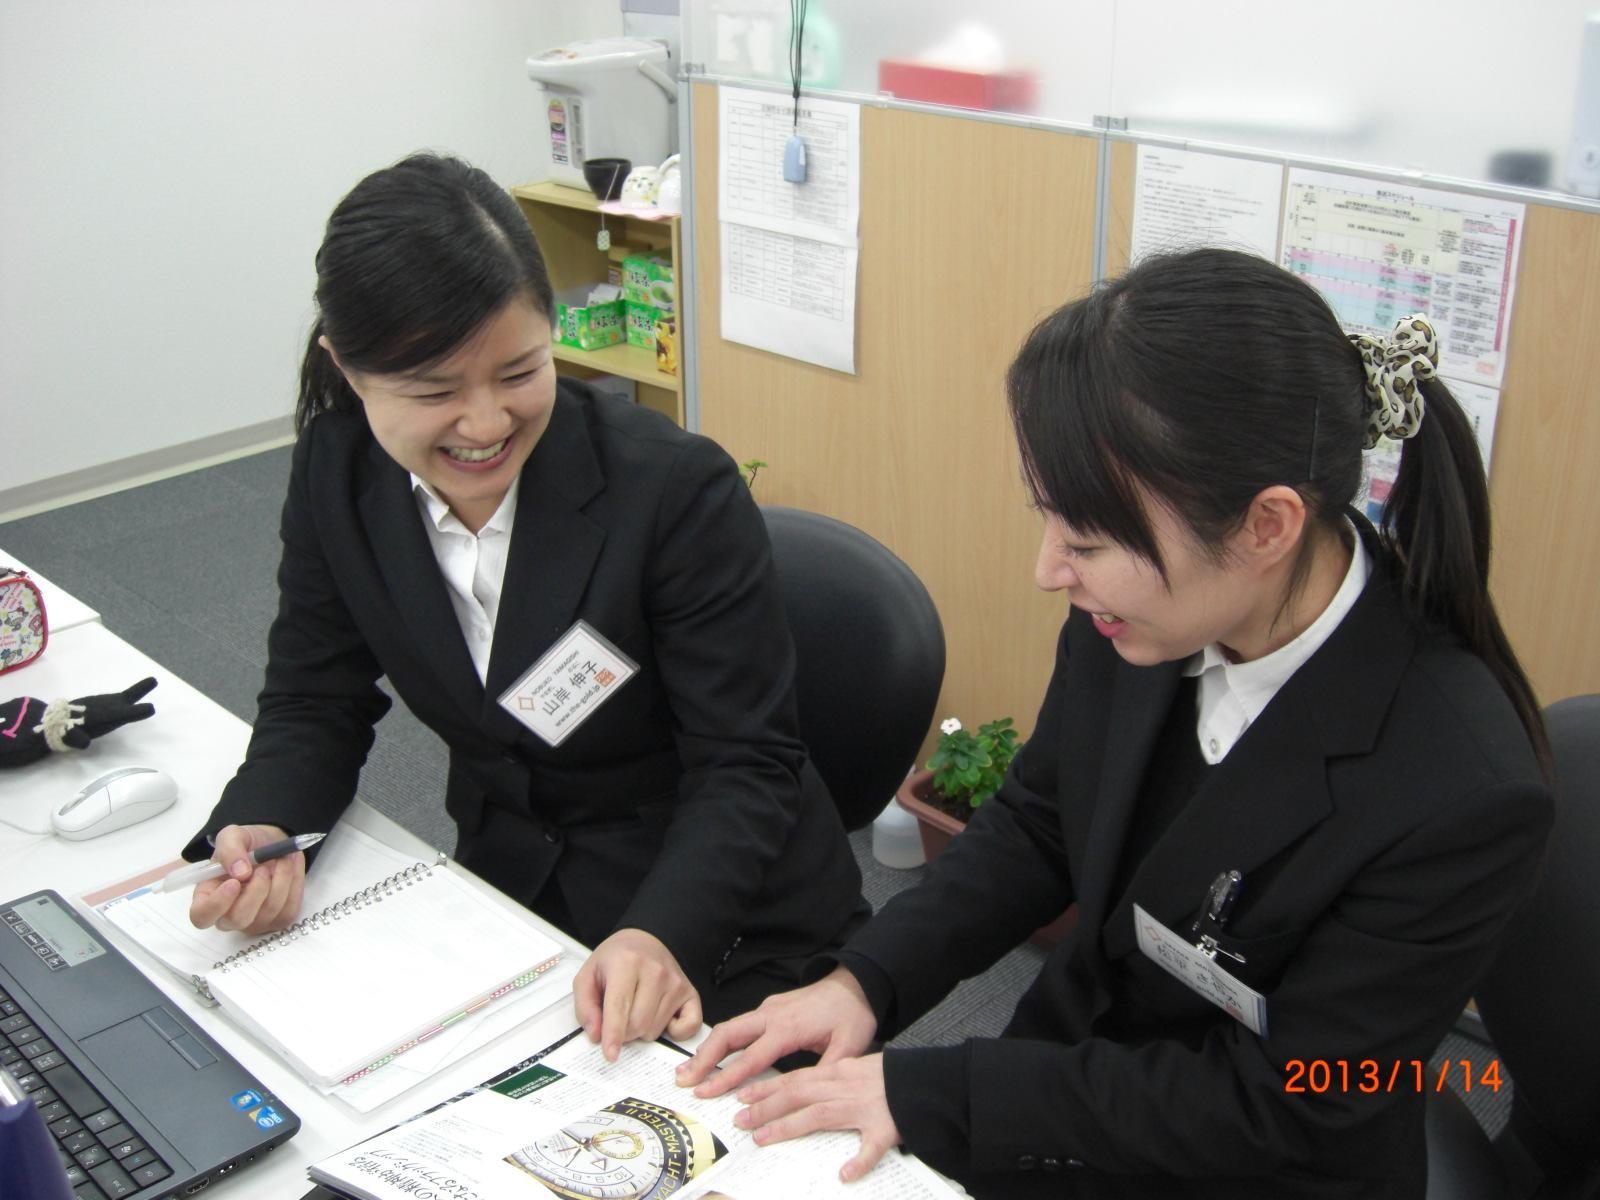 ザ・ゴールド 富士店のアルバイト情報